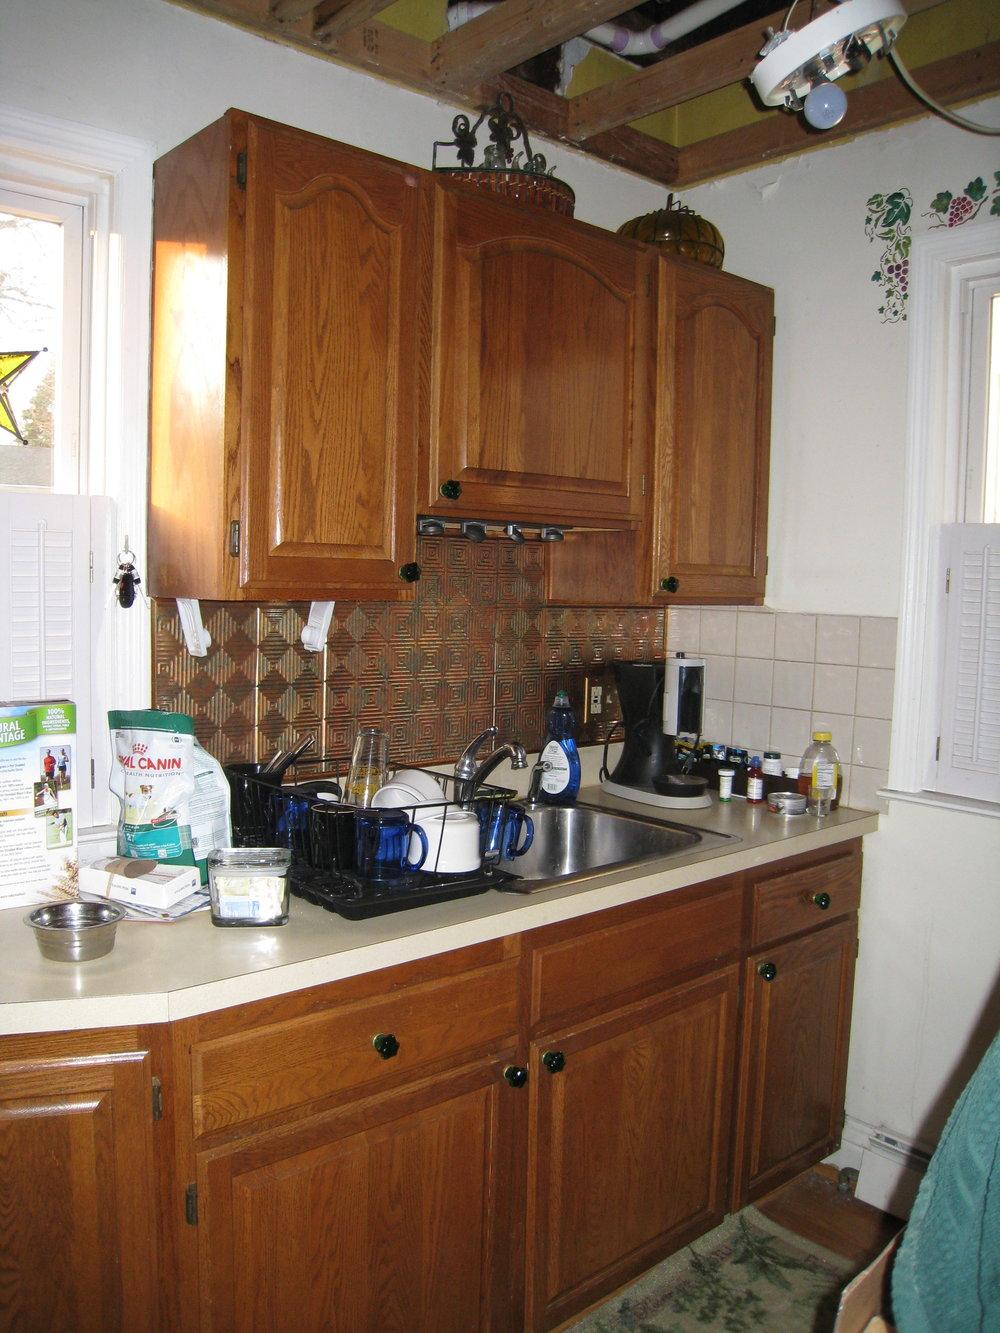 Lin kitchen beforeIMG_2121.jpg